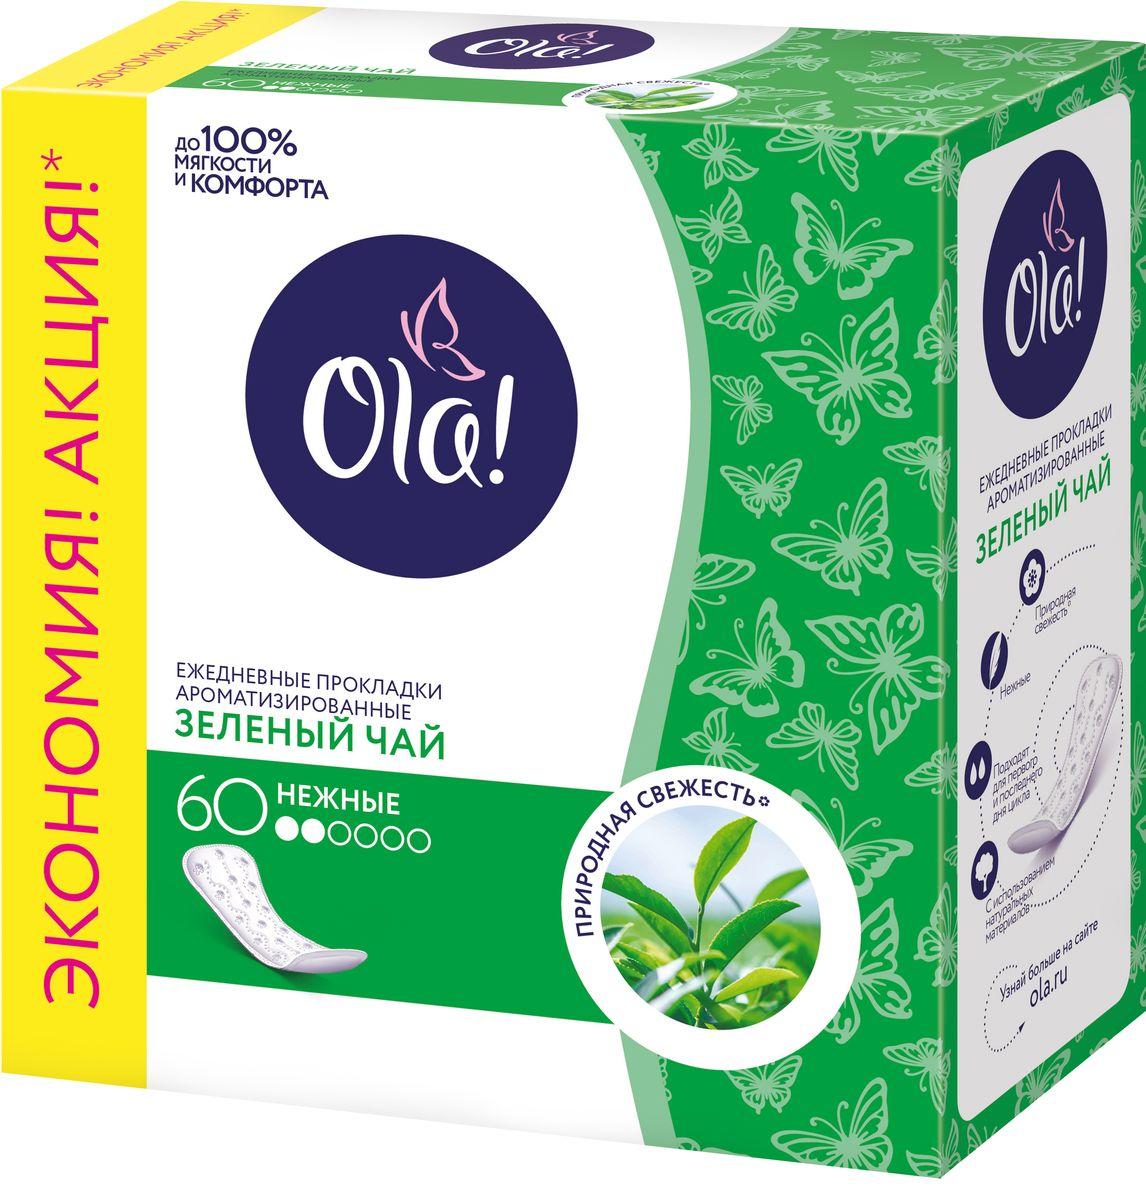 Ola! Daily DEO (Зеленый чай) Прокладки, 60 шт20953OLA! DAILY DEO ПРОКЛАДКИ ЕЖЕДНЕВНЫЕ Зеленый чай Созданы из натурального материала - 100% целлюлозы; Лучший показатель по объему впитываемой жидкости.x Анатомическая форма; Мягкость; С нежным ароматом зеленого чая. xЭто дает возможность использовать Daily при необильных выделениях в критические дни; Упаковка 60 шт.